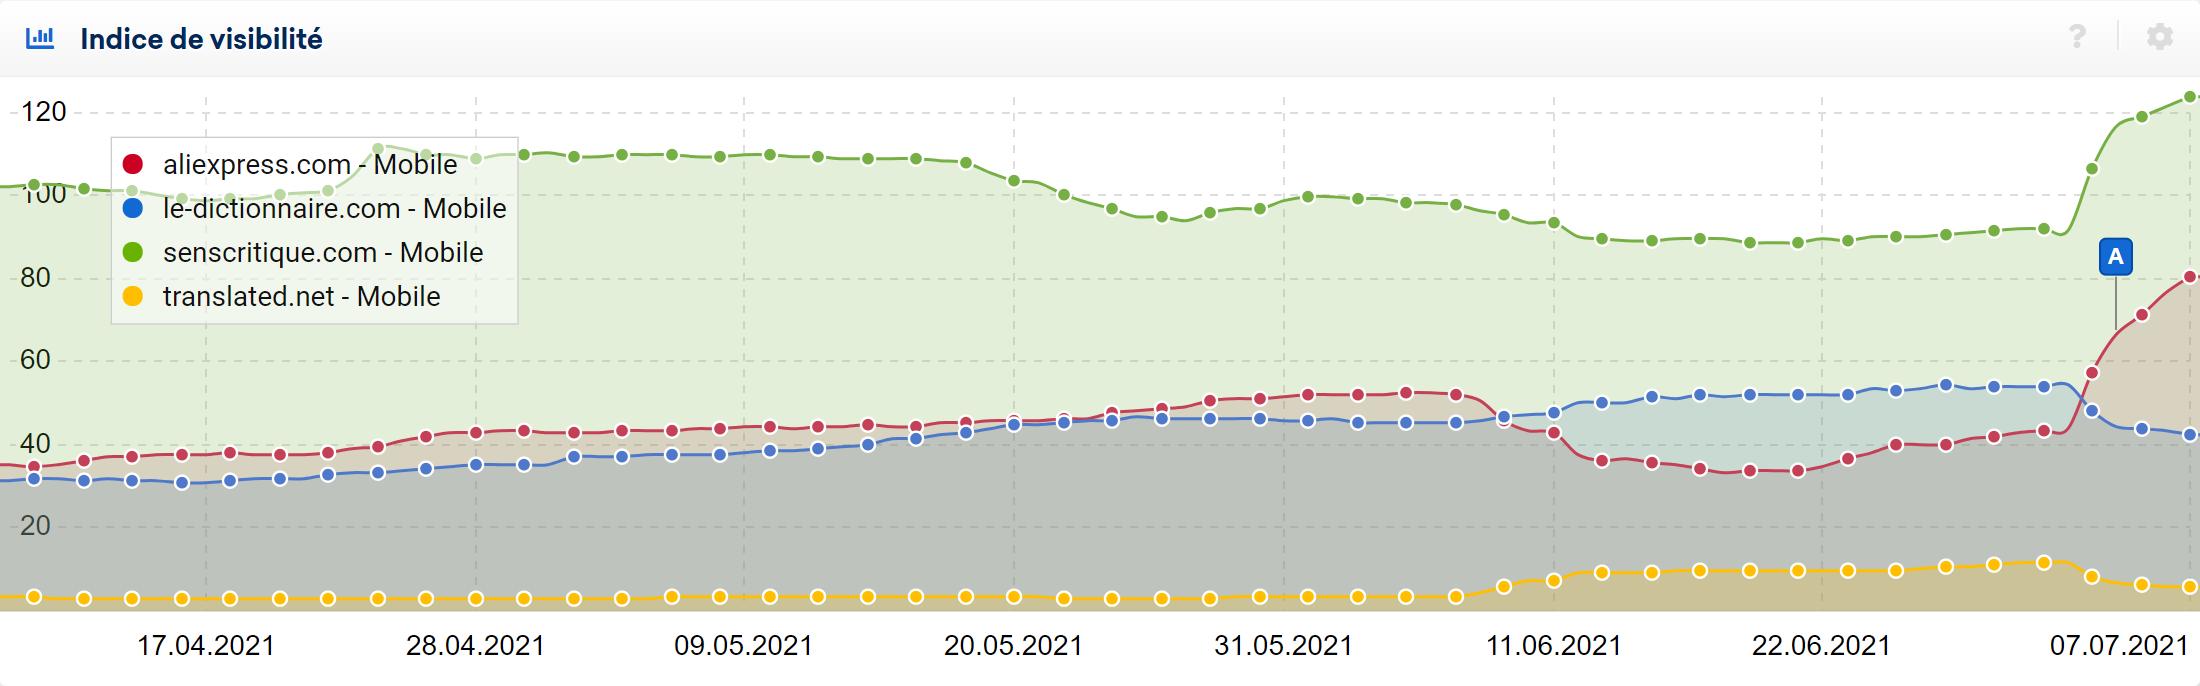 Hausse puis baisse de visibilité en SERP et inversement avec l'update de l'été